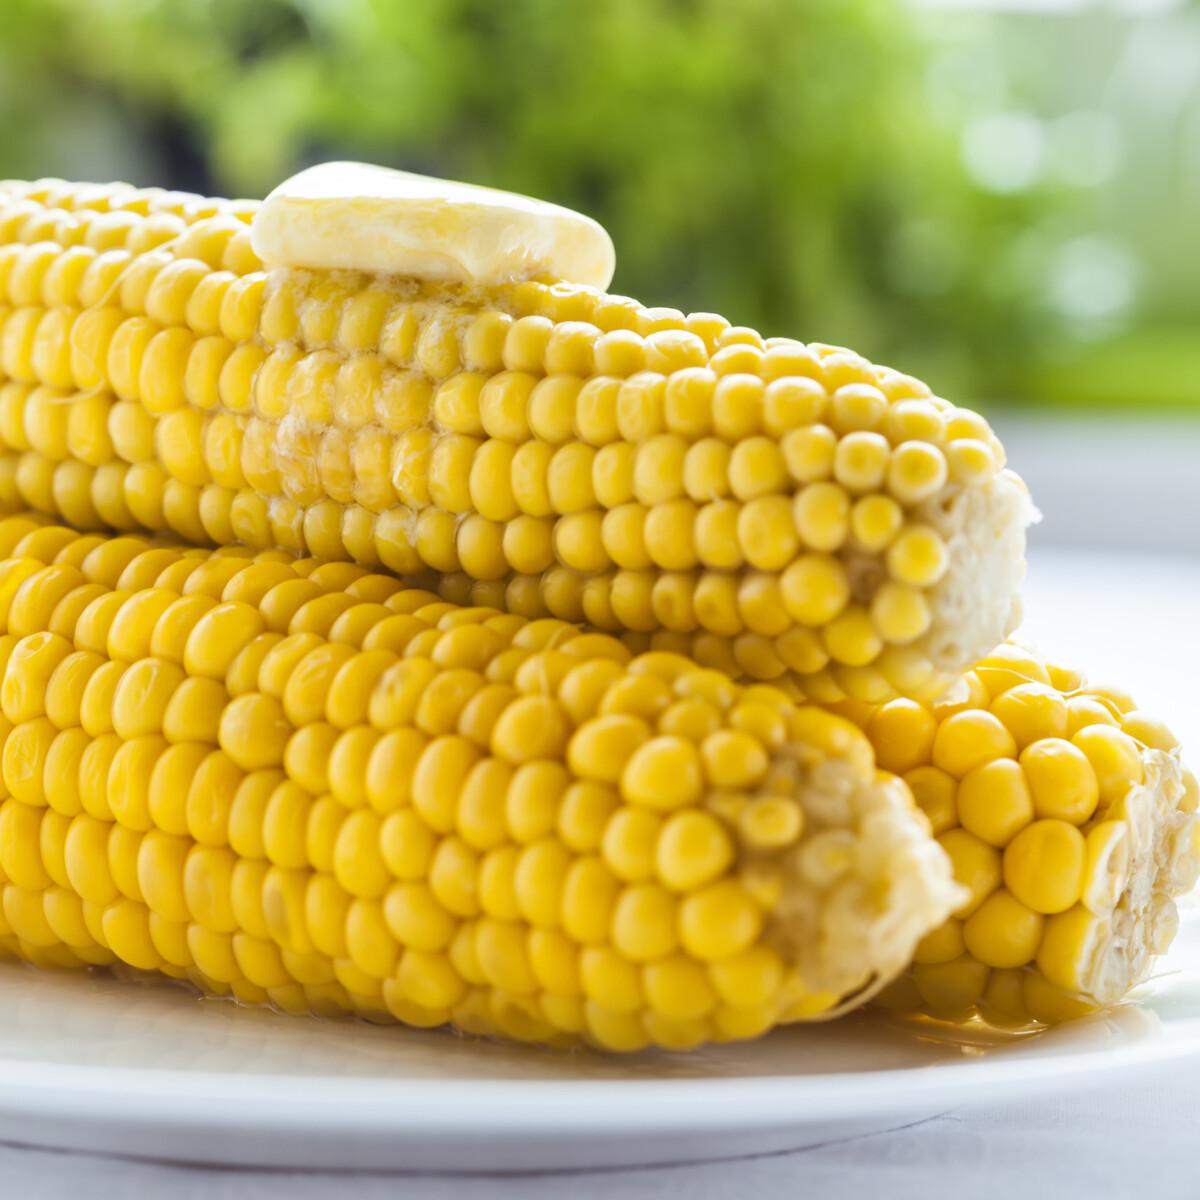 Sült kukorica a mikróból? Igen, lehetséges, és imádni fogod